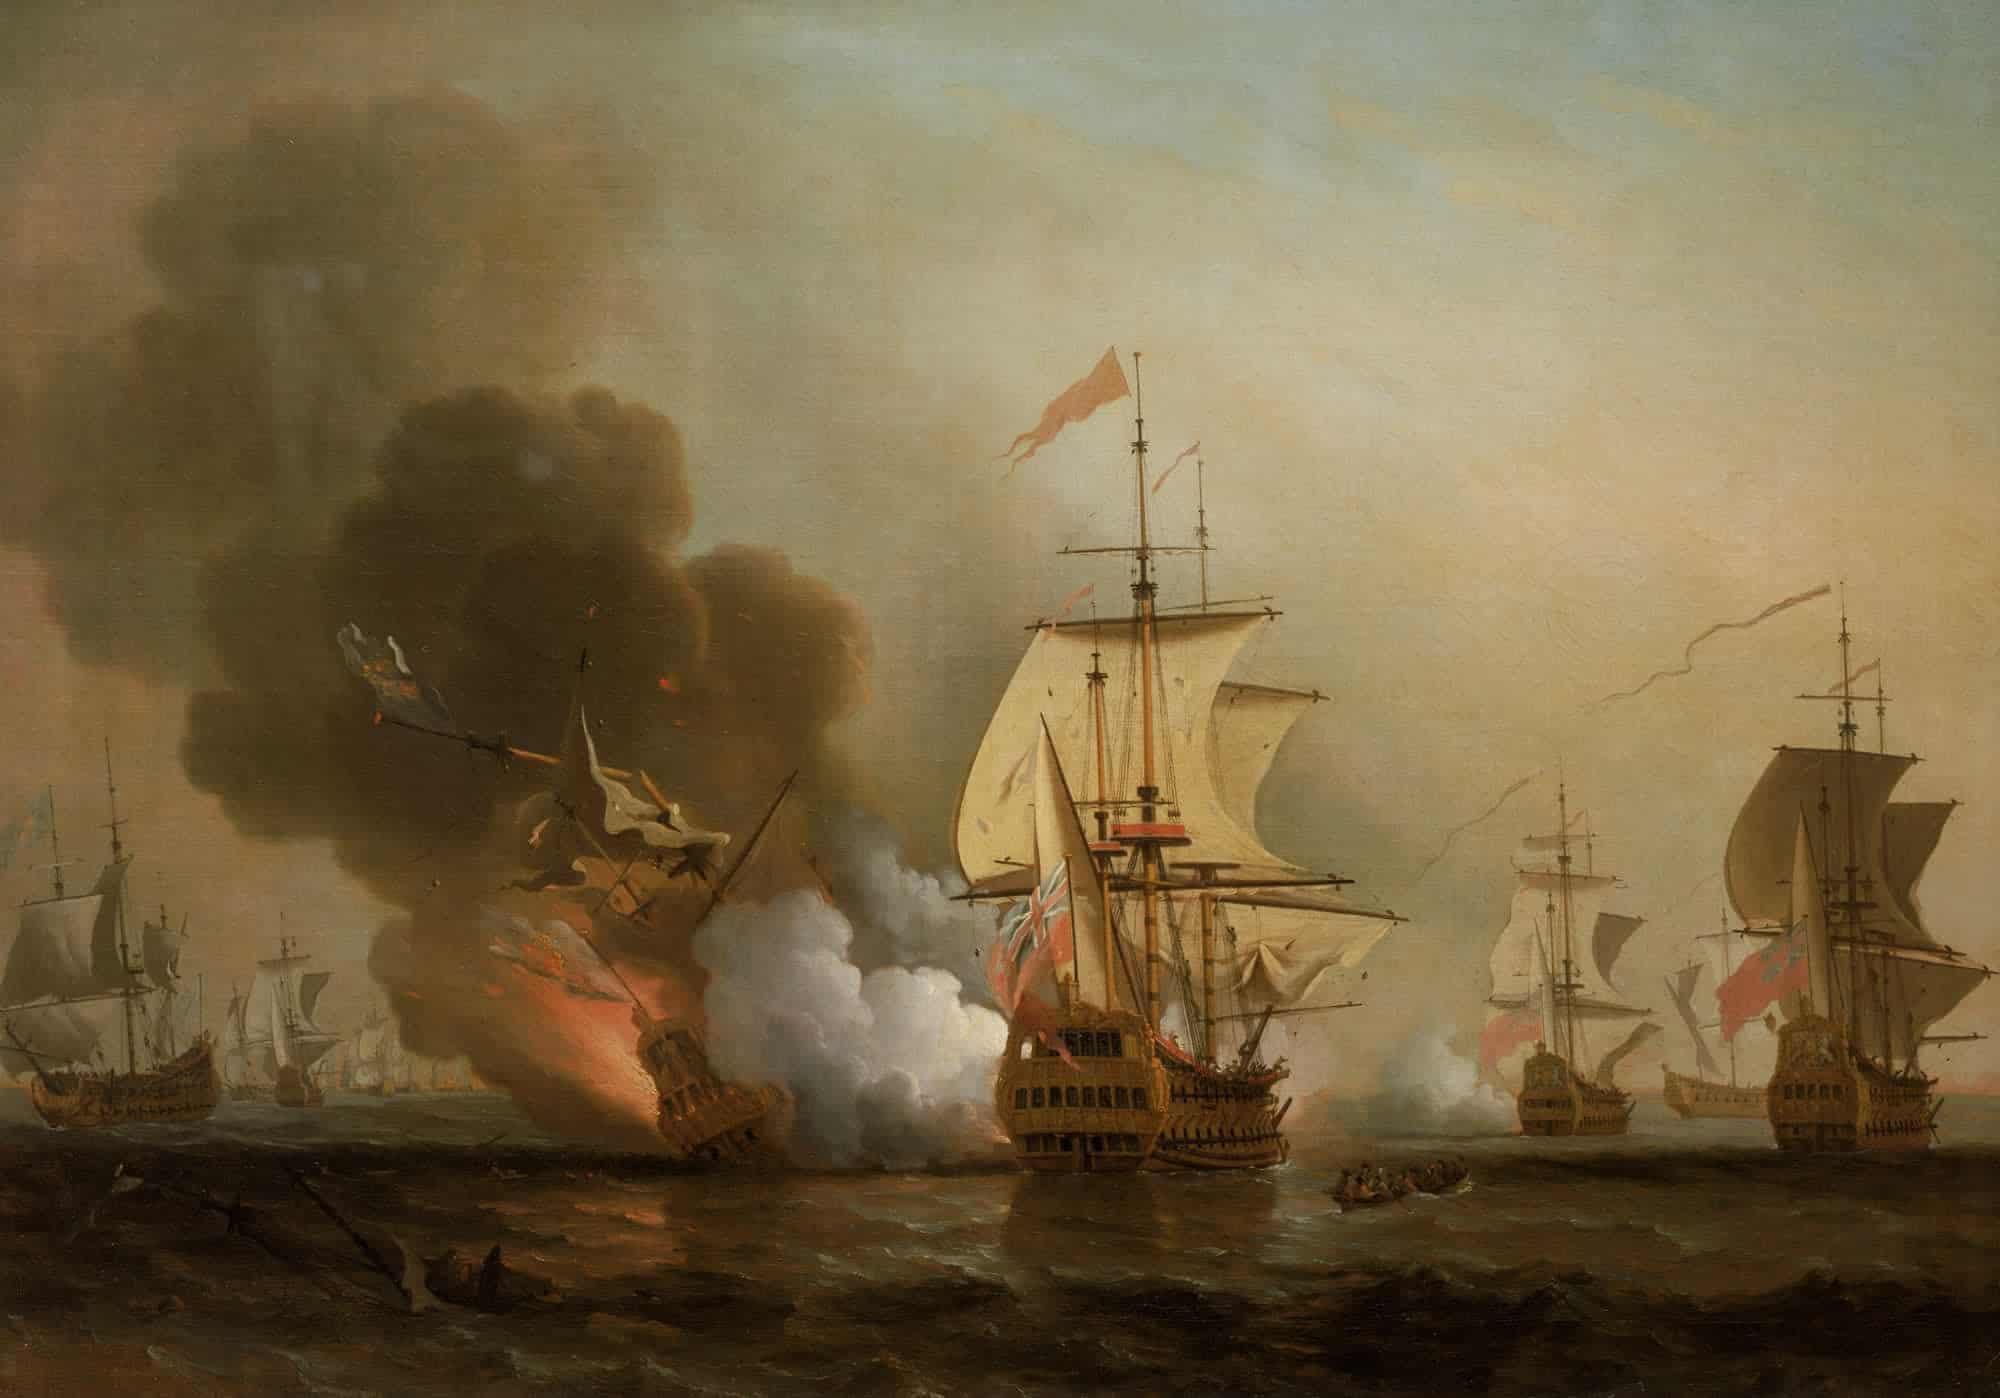 Colombia busca ayuda para recuperar naufragio y desenterrar el tesoro hundido más famoso de la historia valorado en $10 MIL MILLONES